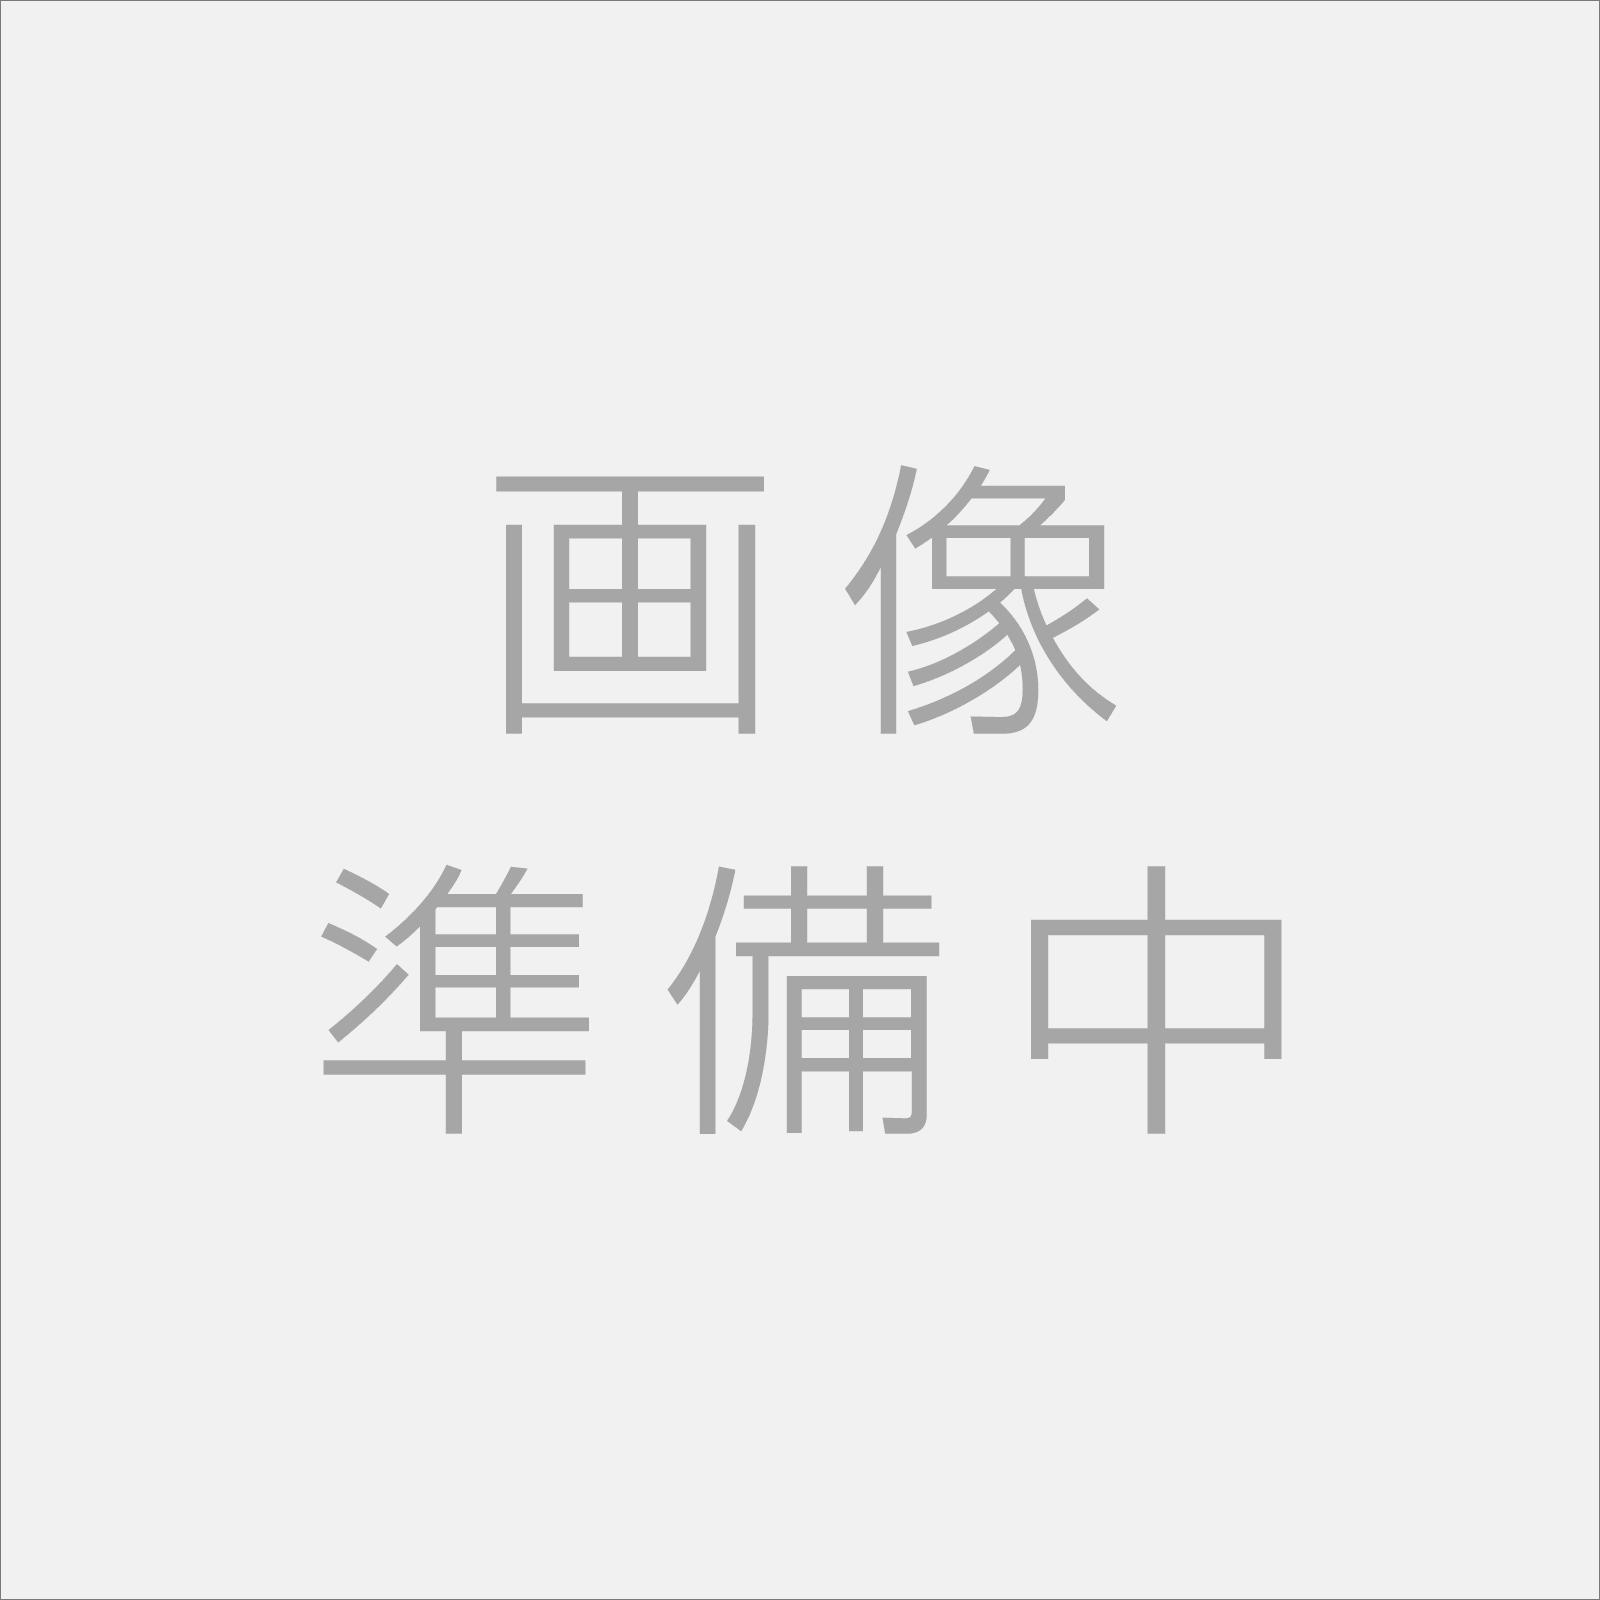 銀座永谷タウンプラザの間取り図